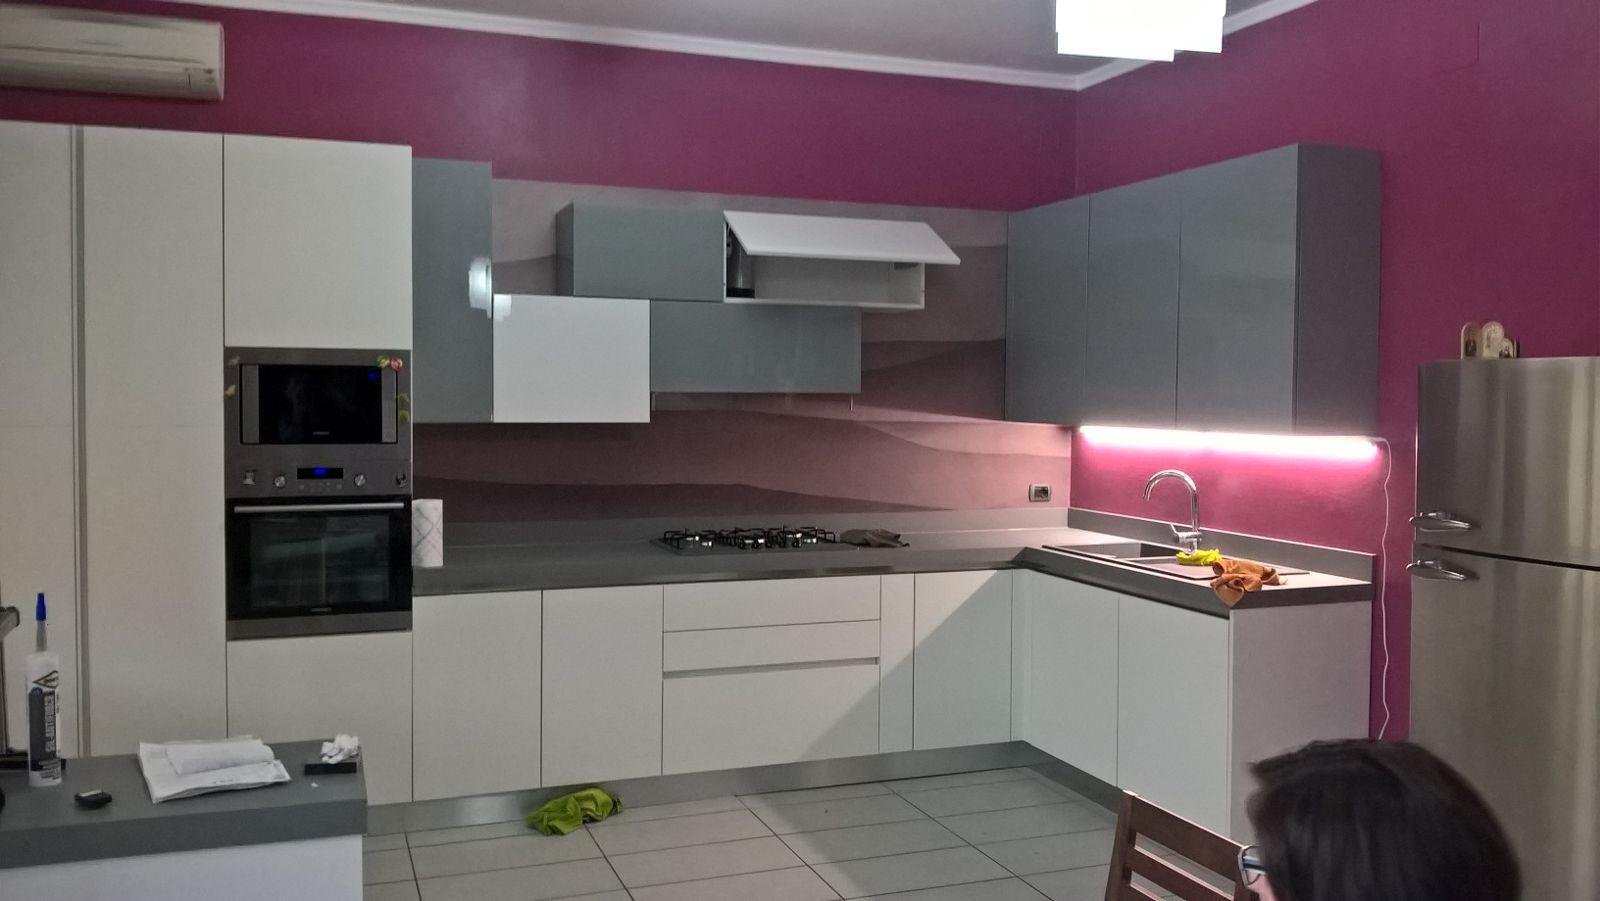 Schienale cucina beautiful zampieri cucine mod glastone in kerlite gres tornabuoni e vetro with - Zampieri cucine opinioni ...